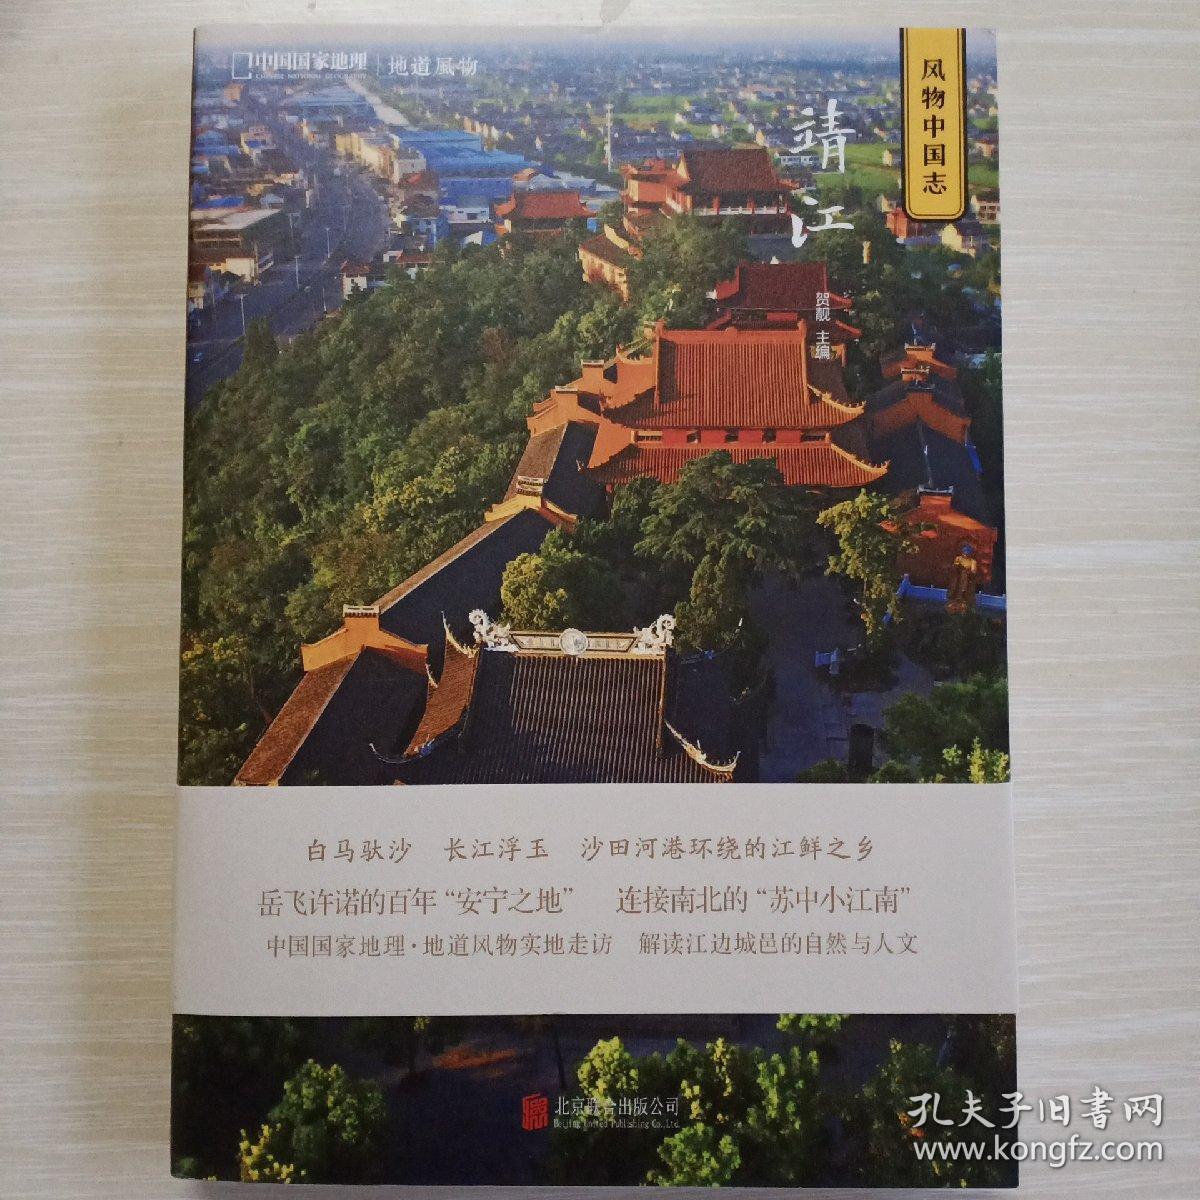 中国国家地理·风物中国志   靖江            全新未拆现货当天发